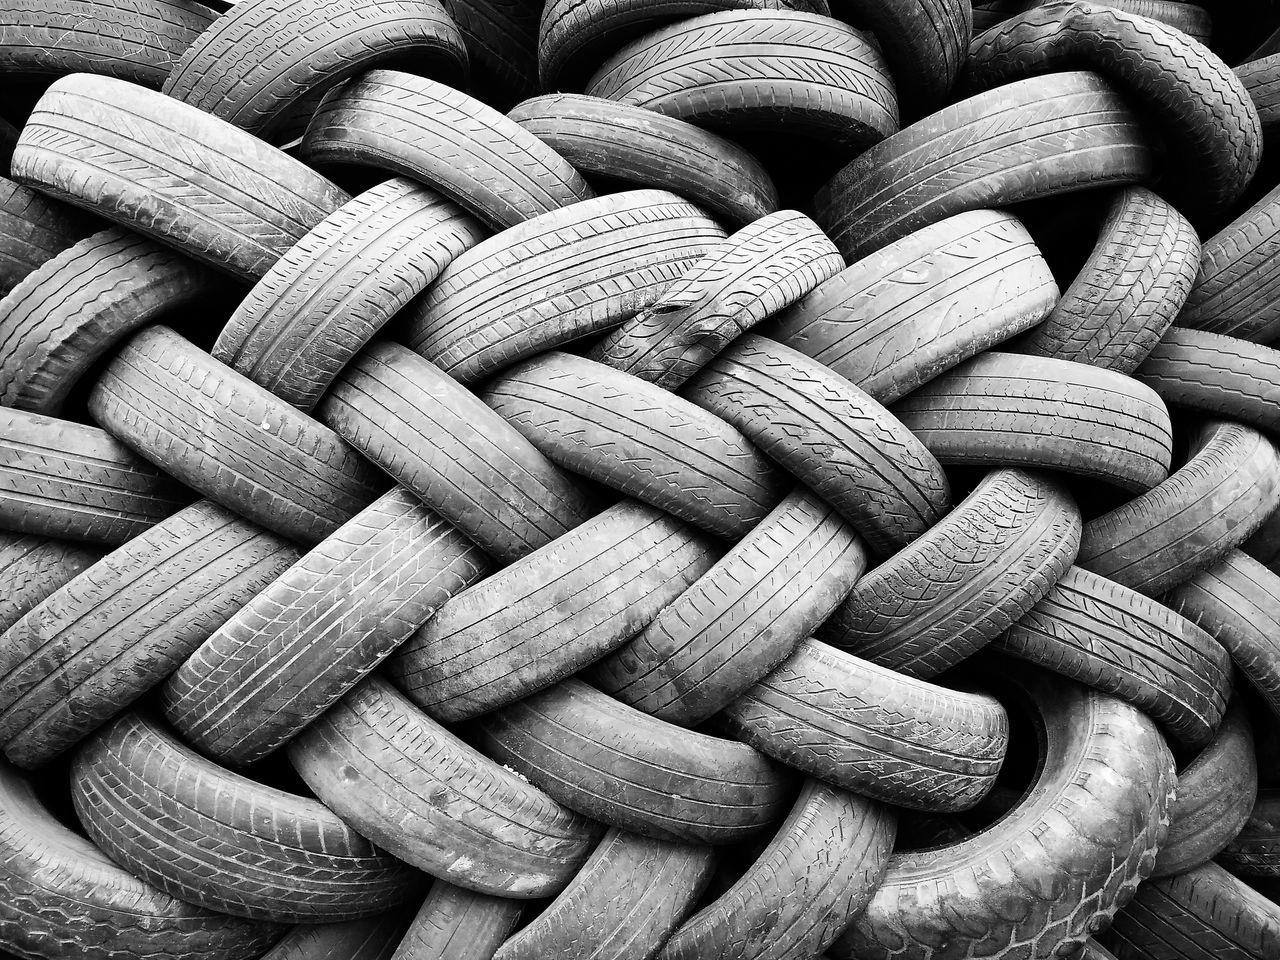 Full Frame Of Used Tires